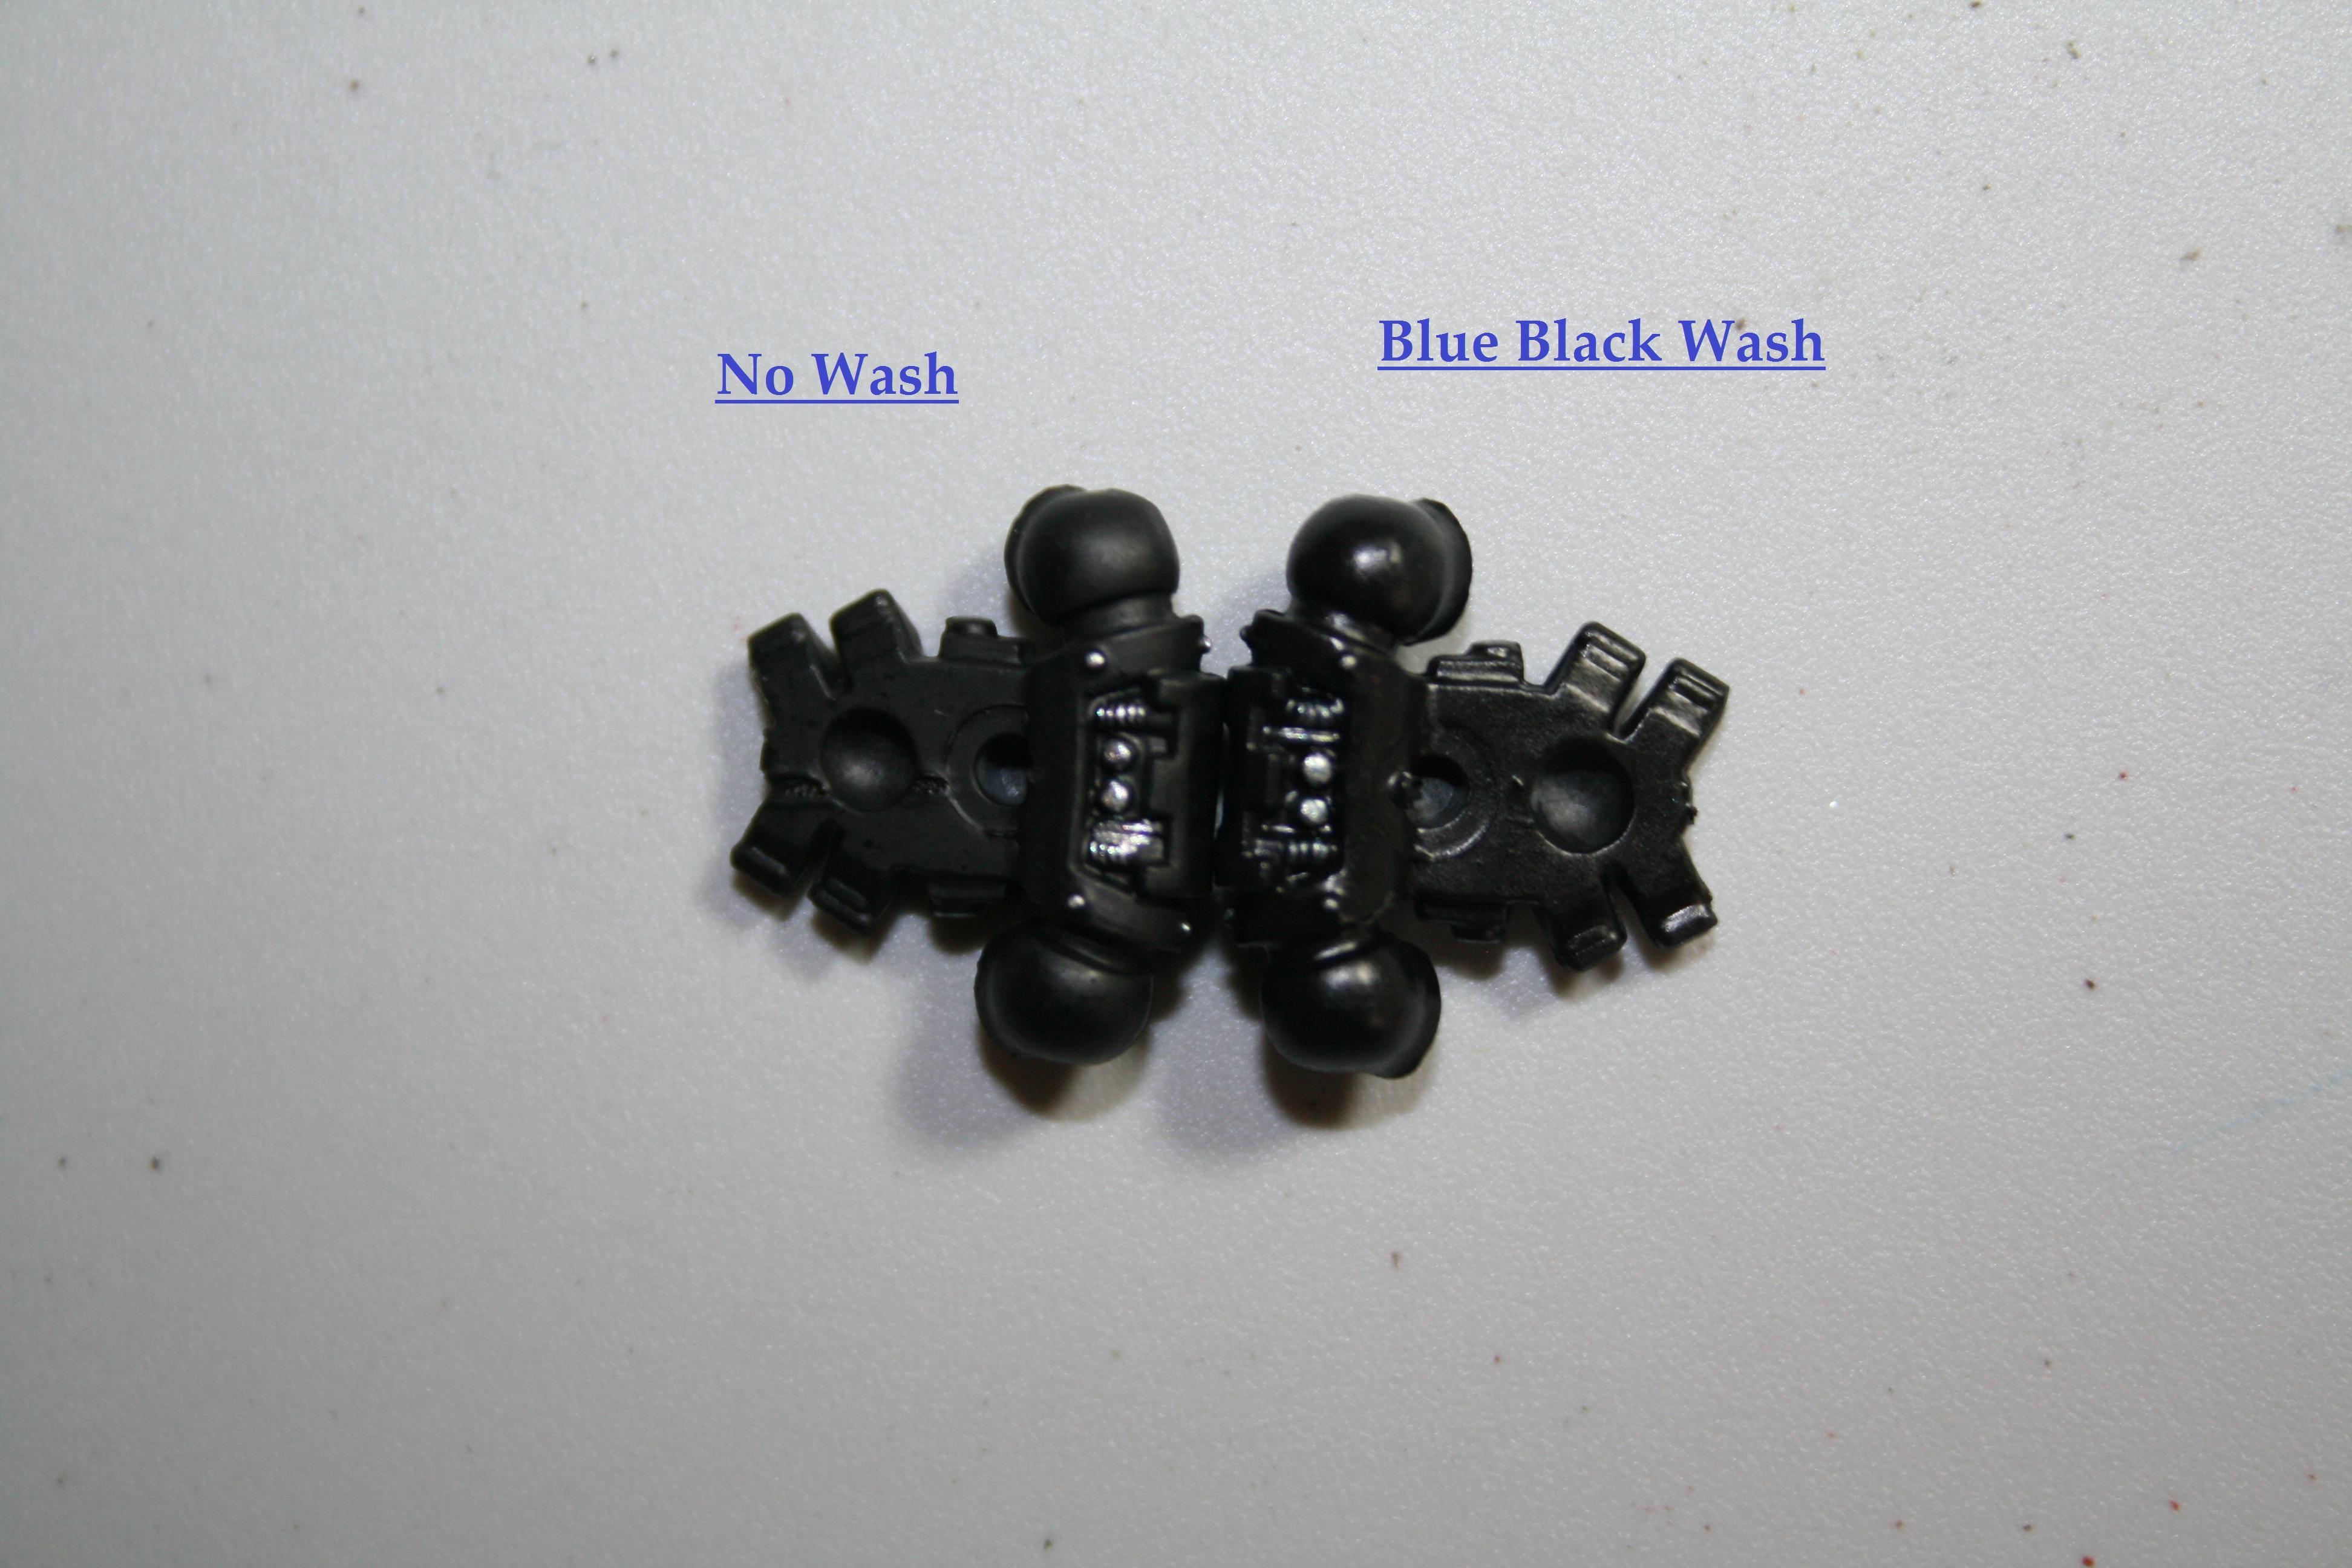 Blue Black Wash Back